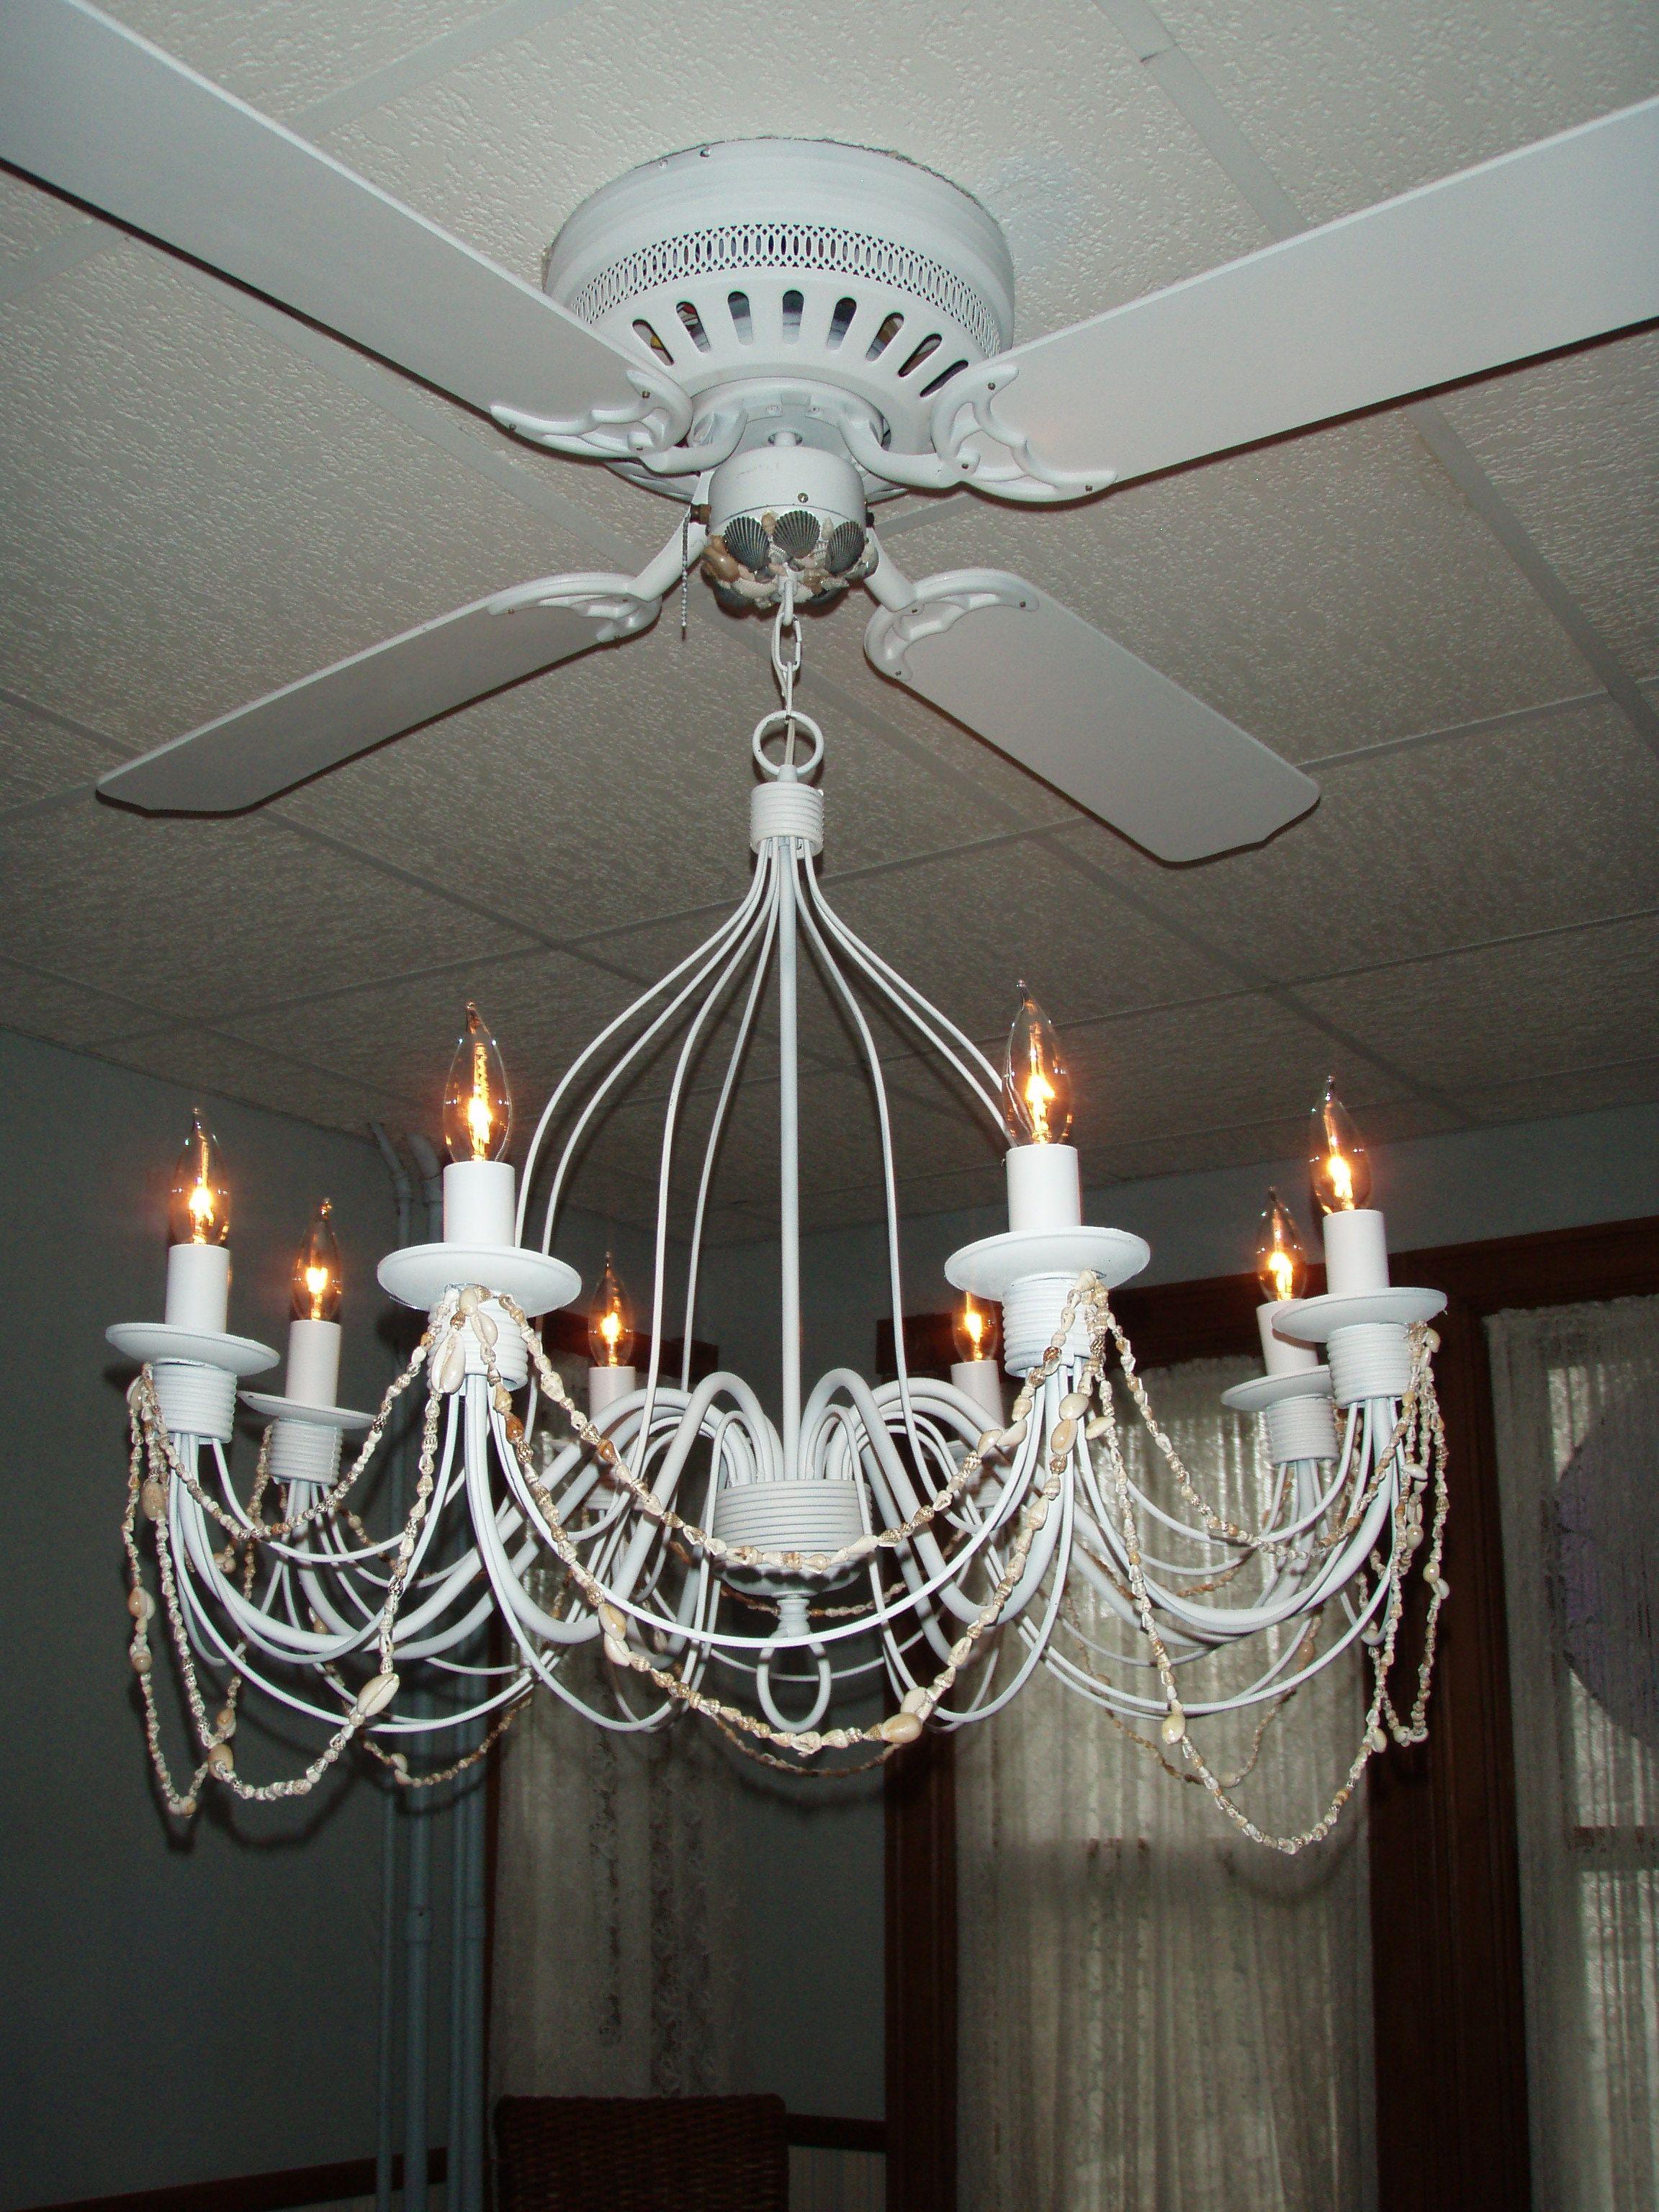 Ceiling Fan Chandelier bination